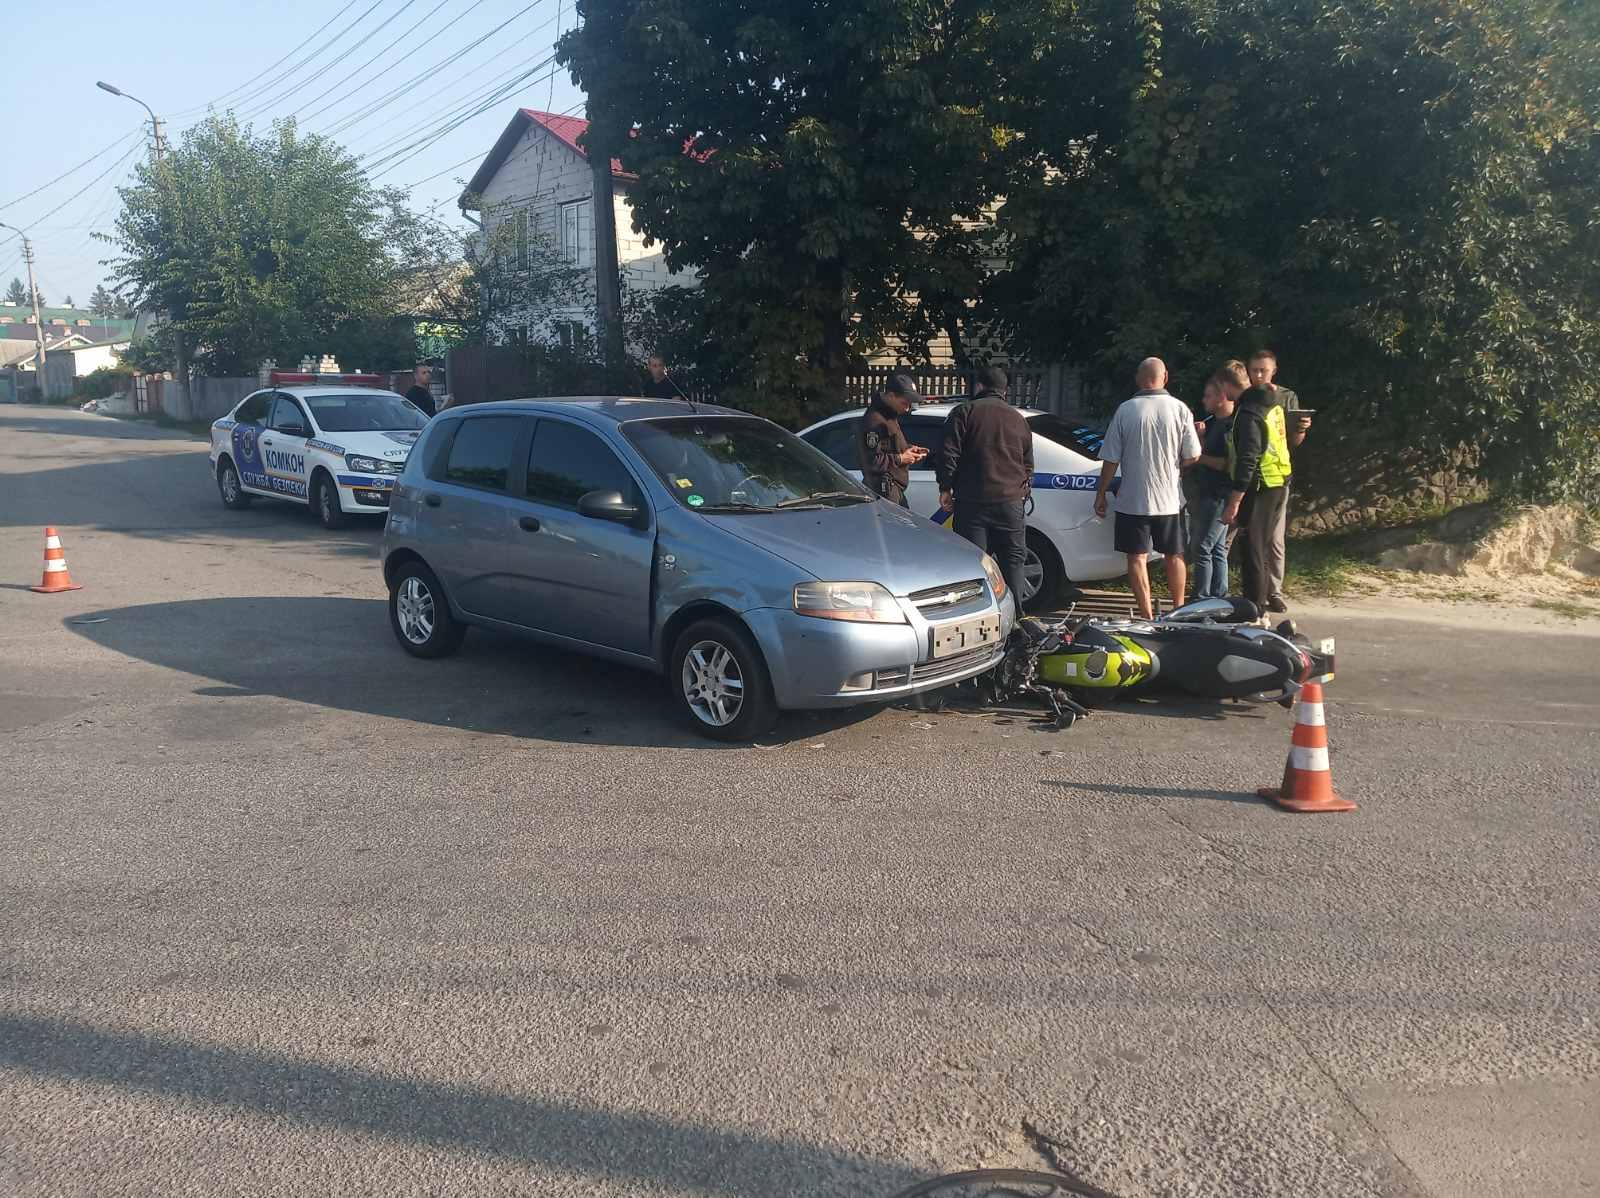 У Броварах сталася мото ДТП з постраждалим - мотоцикл, мотодтп, ДТП з потерпілим - yzobrazhenye viber 2020 09 16 10 19 0411